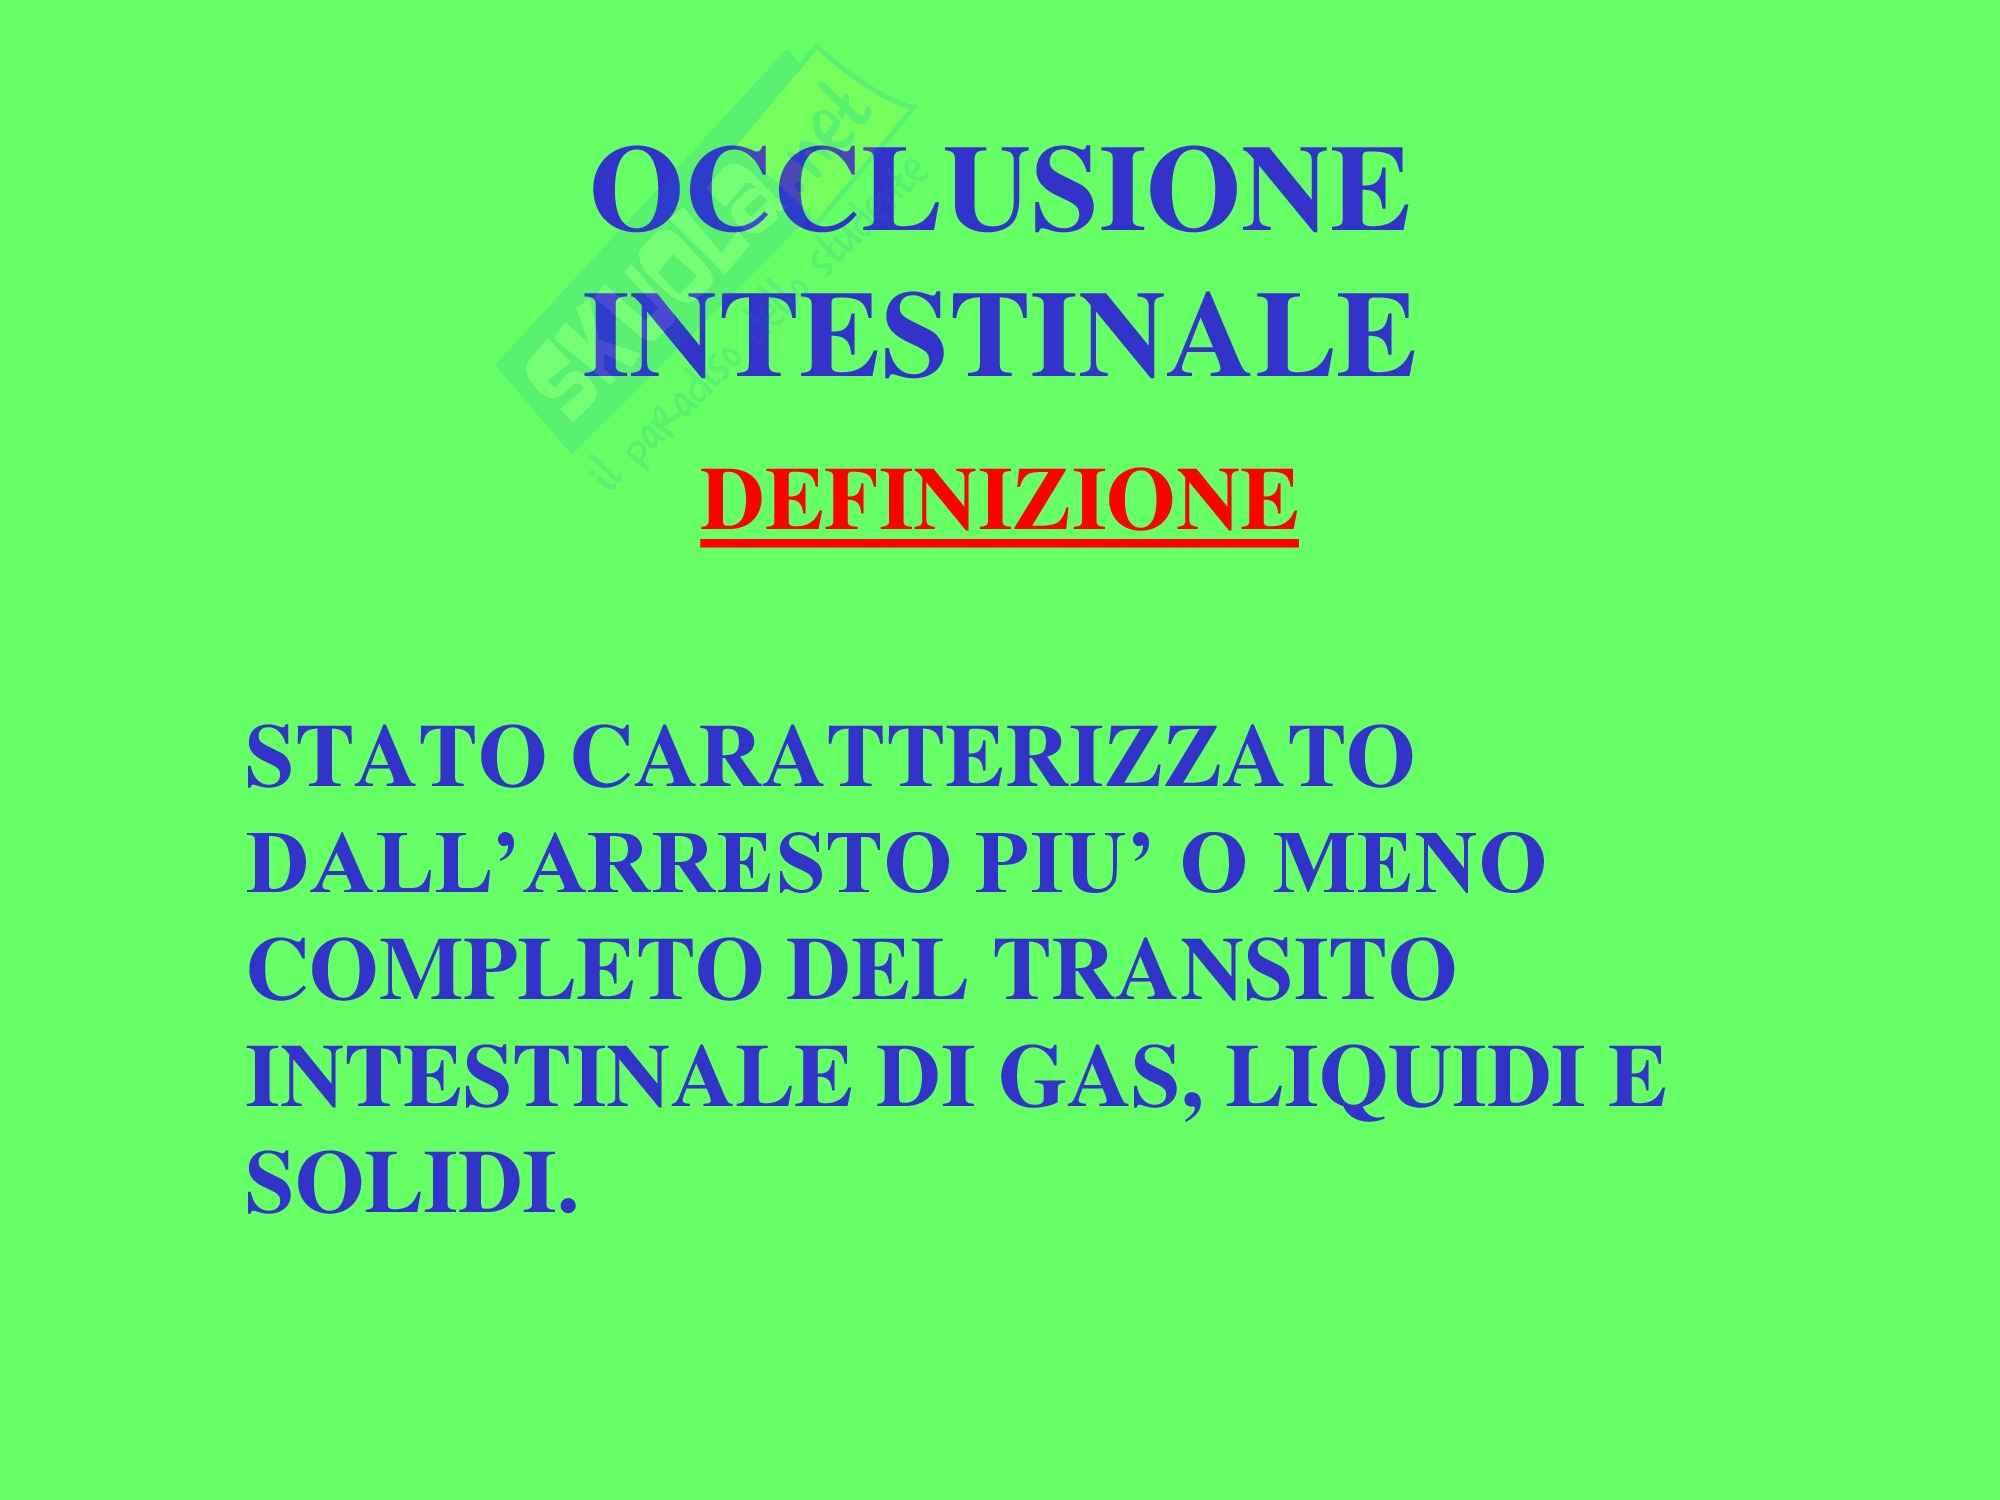 Chirurgia dell'apparato digerente - Occlusione Intestinale